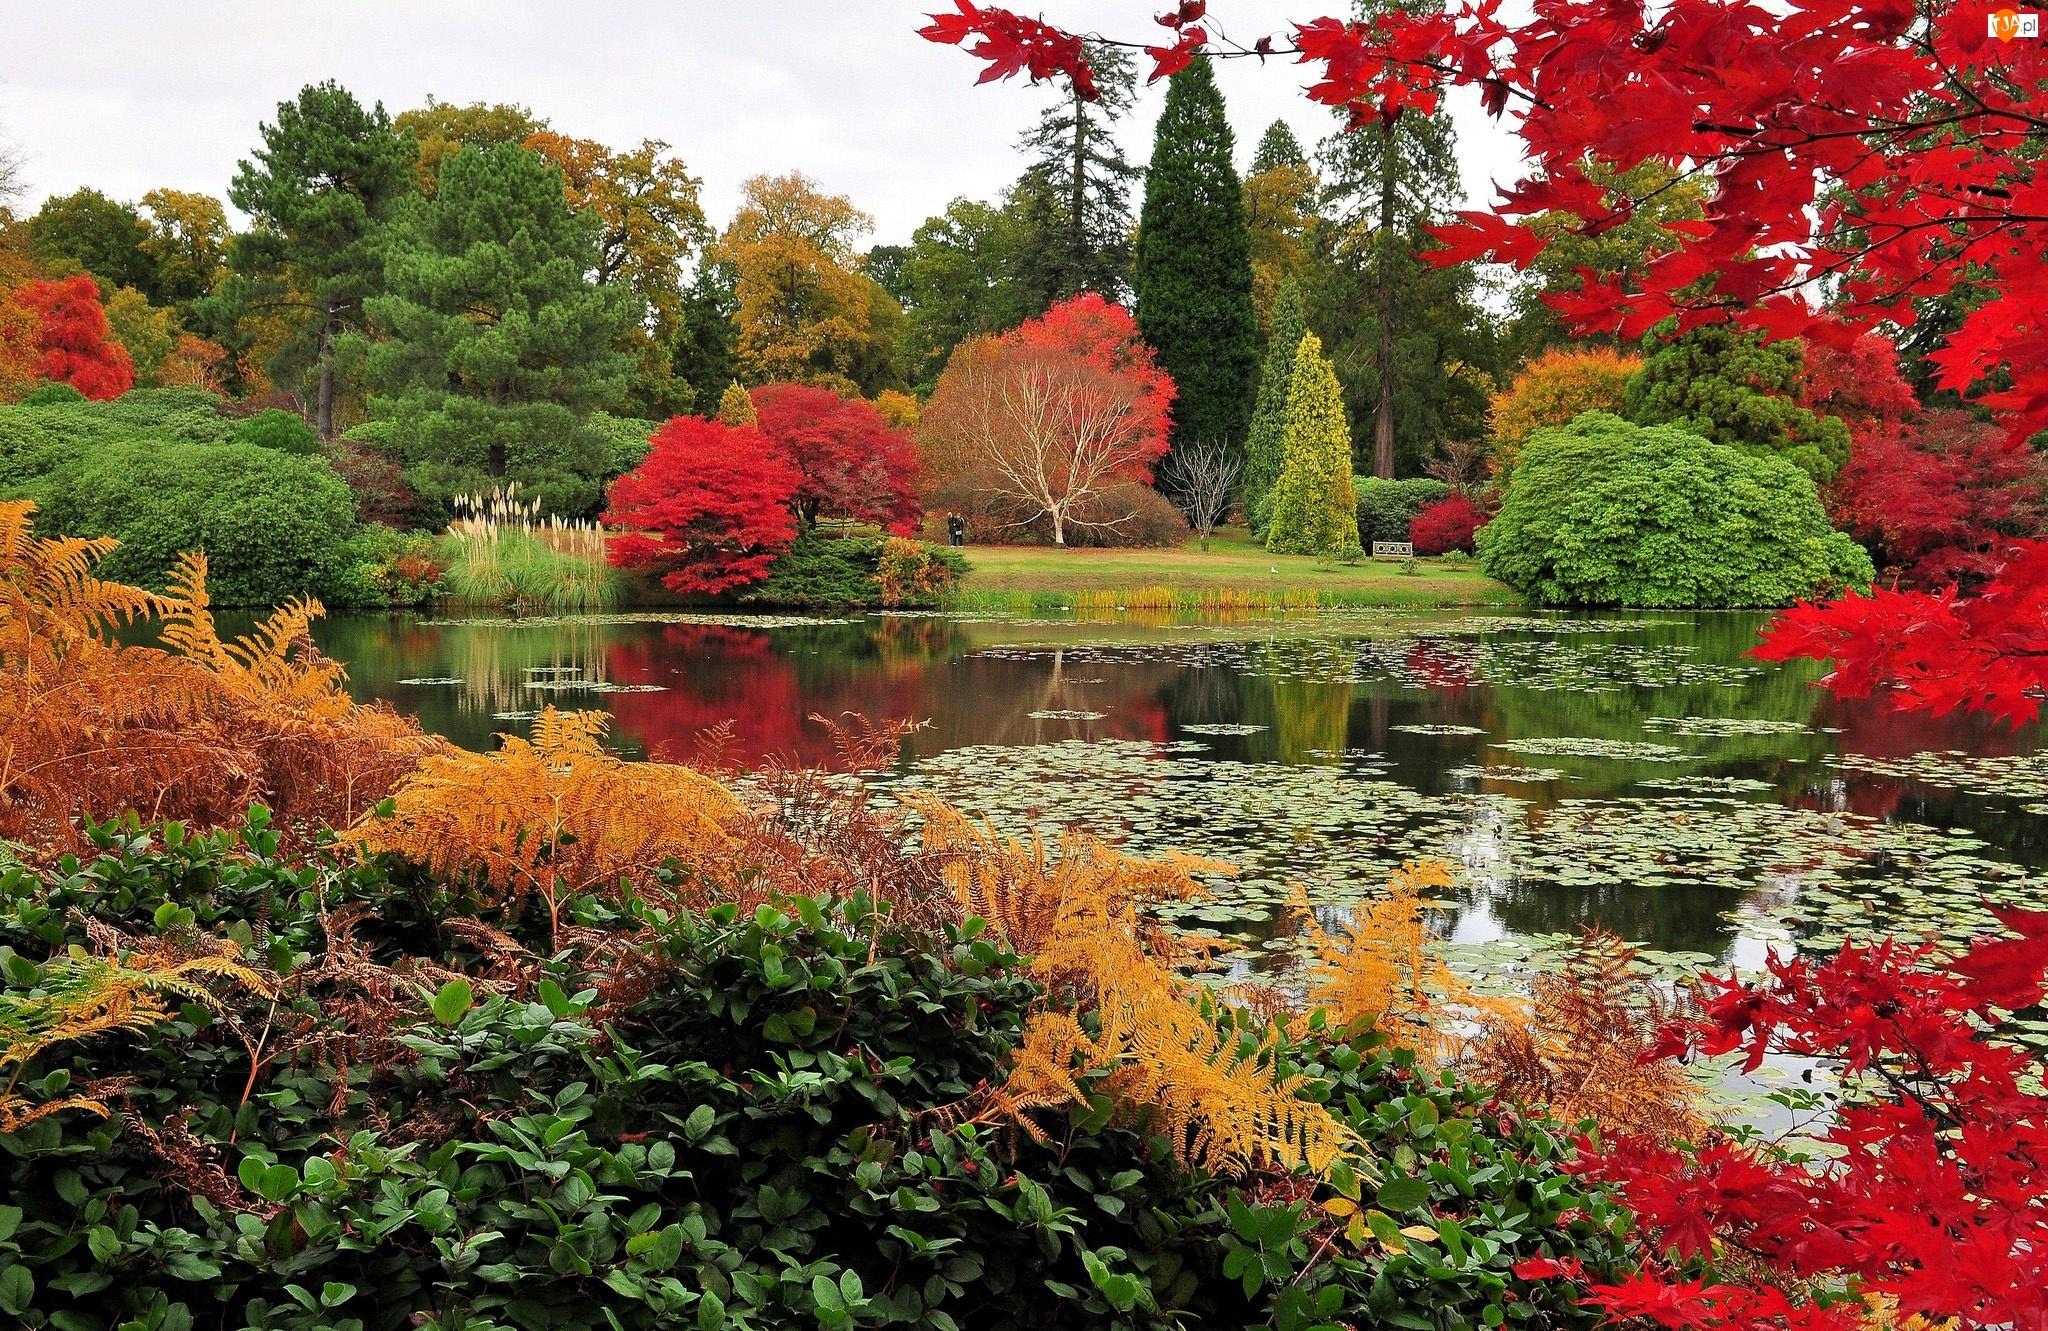 Paprocie, Drzewa, Staw, Park, Jesień, Kolorowe, Krzewy